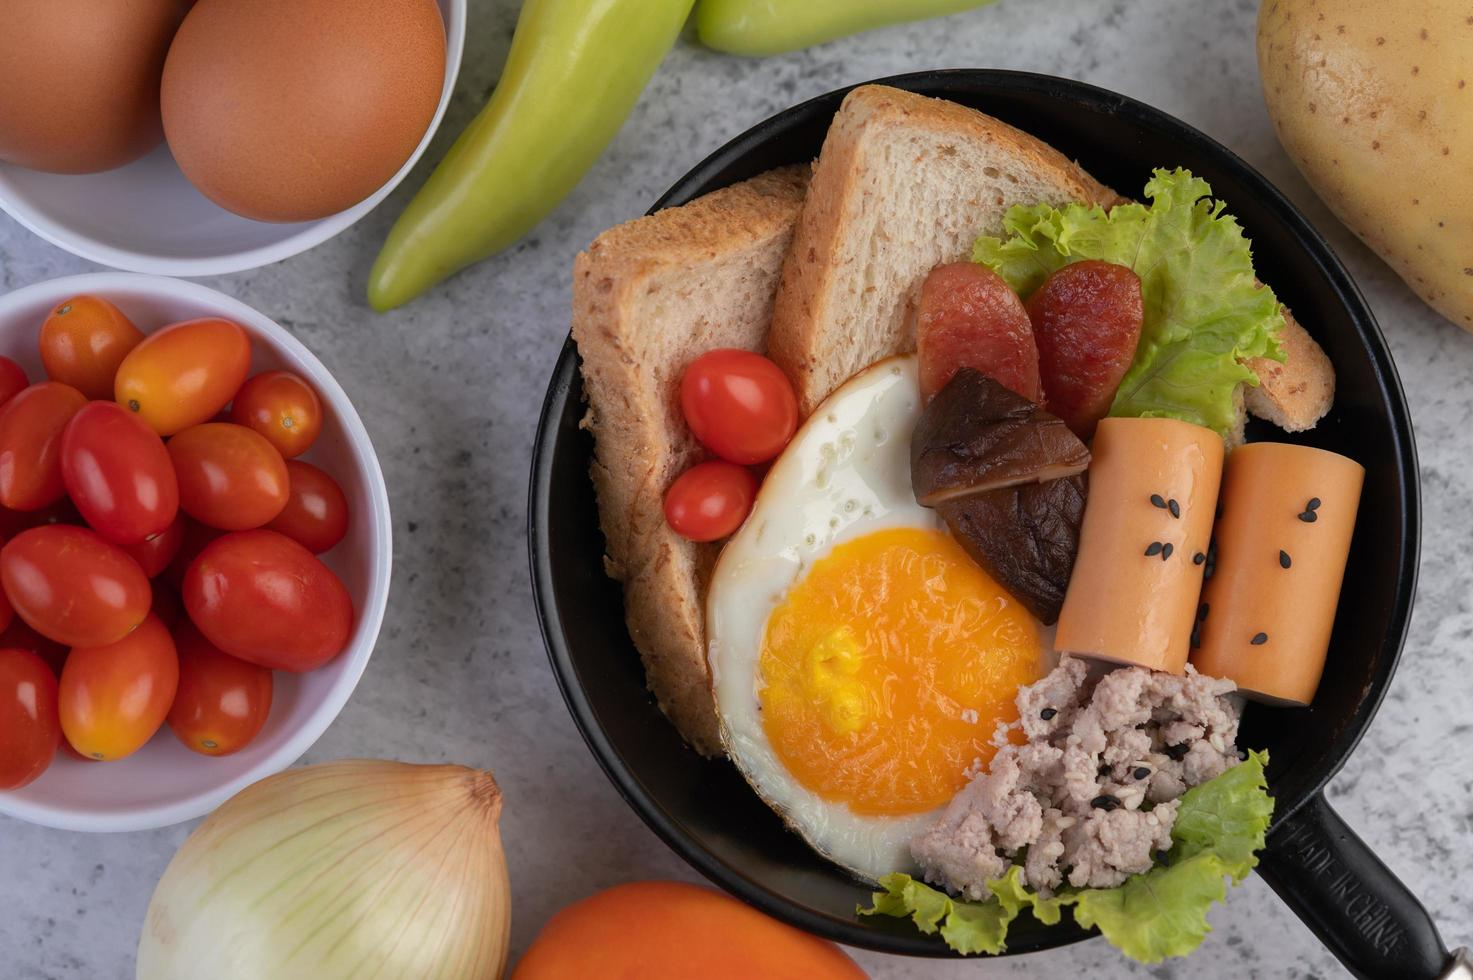 insalata di verdure con pane e uova sode foto